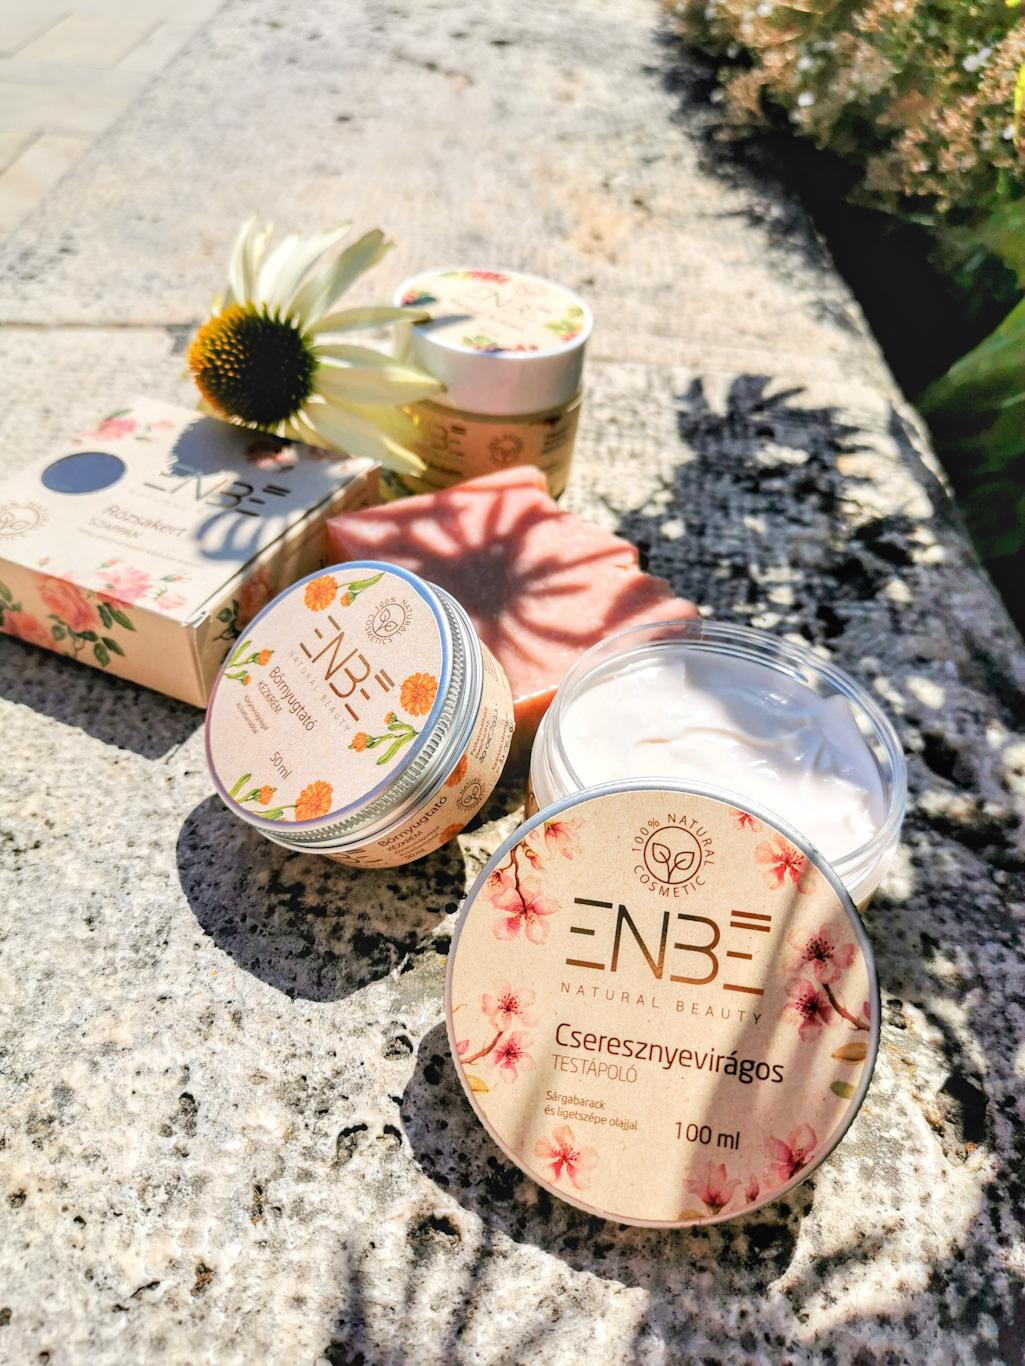 Enbé Natural Beauty 11